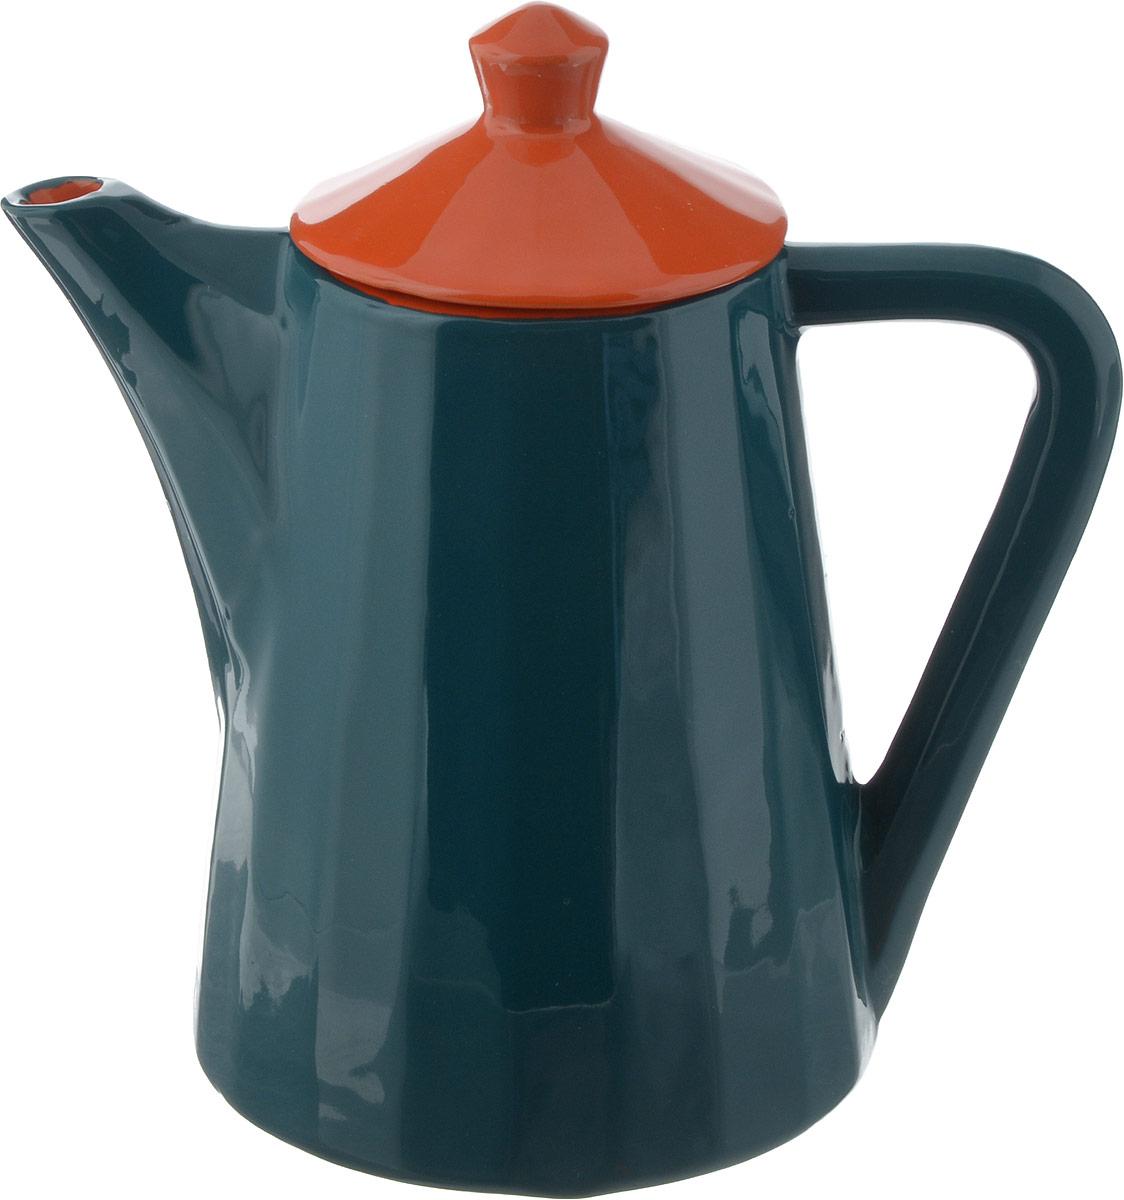 Чайник заварочный Борисовская керамика Ностальгия, цвет: зеленый, оранжевыйРАД14458176_зеленый, оранжевый